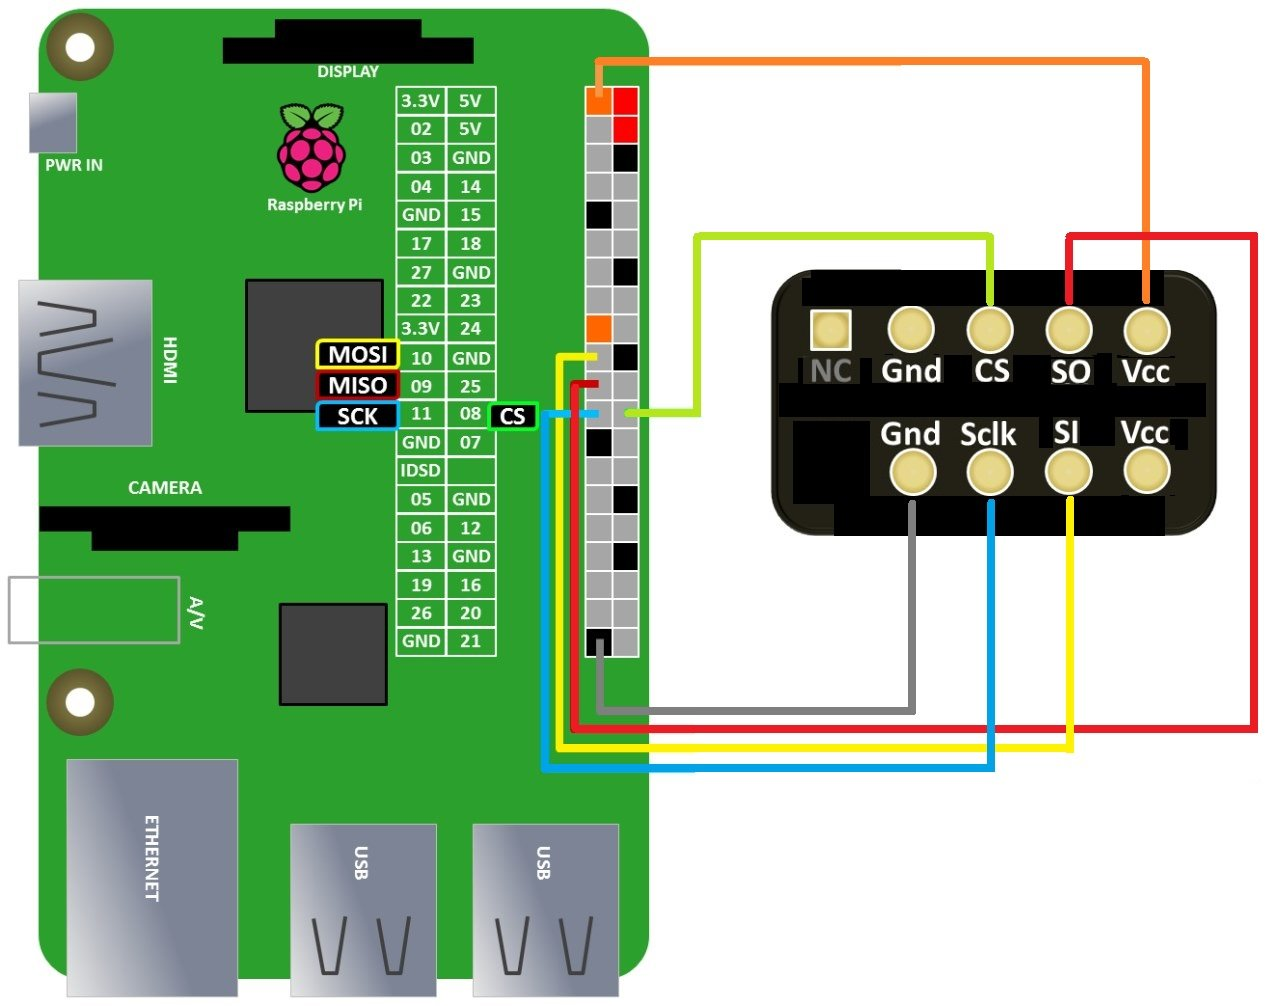 MSI Z370I Gaming Pro Carbon AC - Test & OC BIOS - Skylake/Kaby Lake